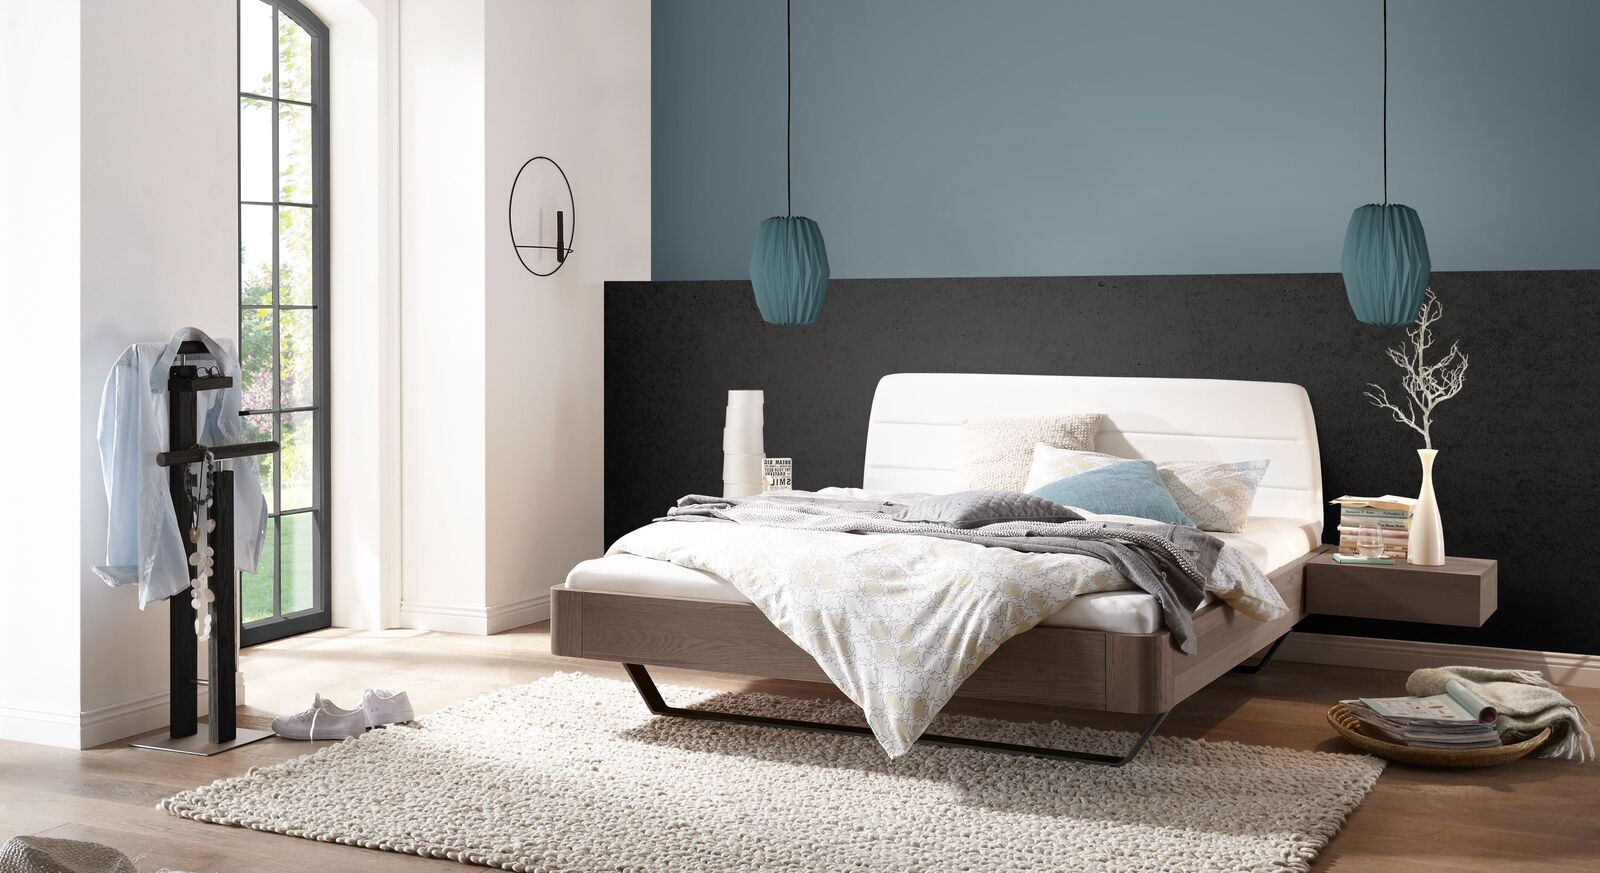 Bett Epondia mit passenden Schlafzimmermöbeln